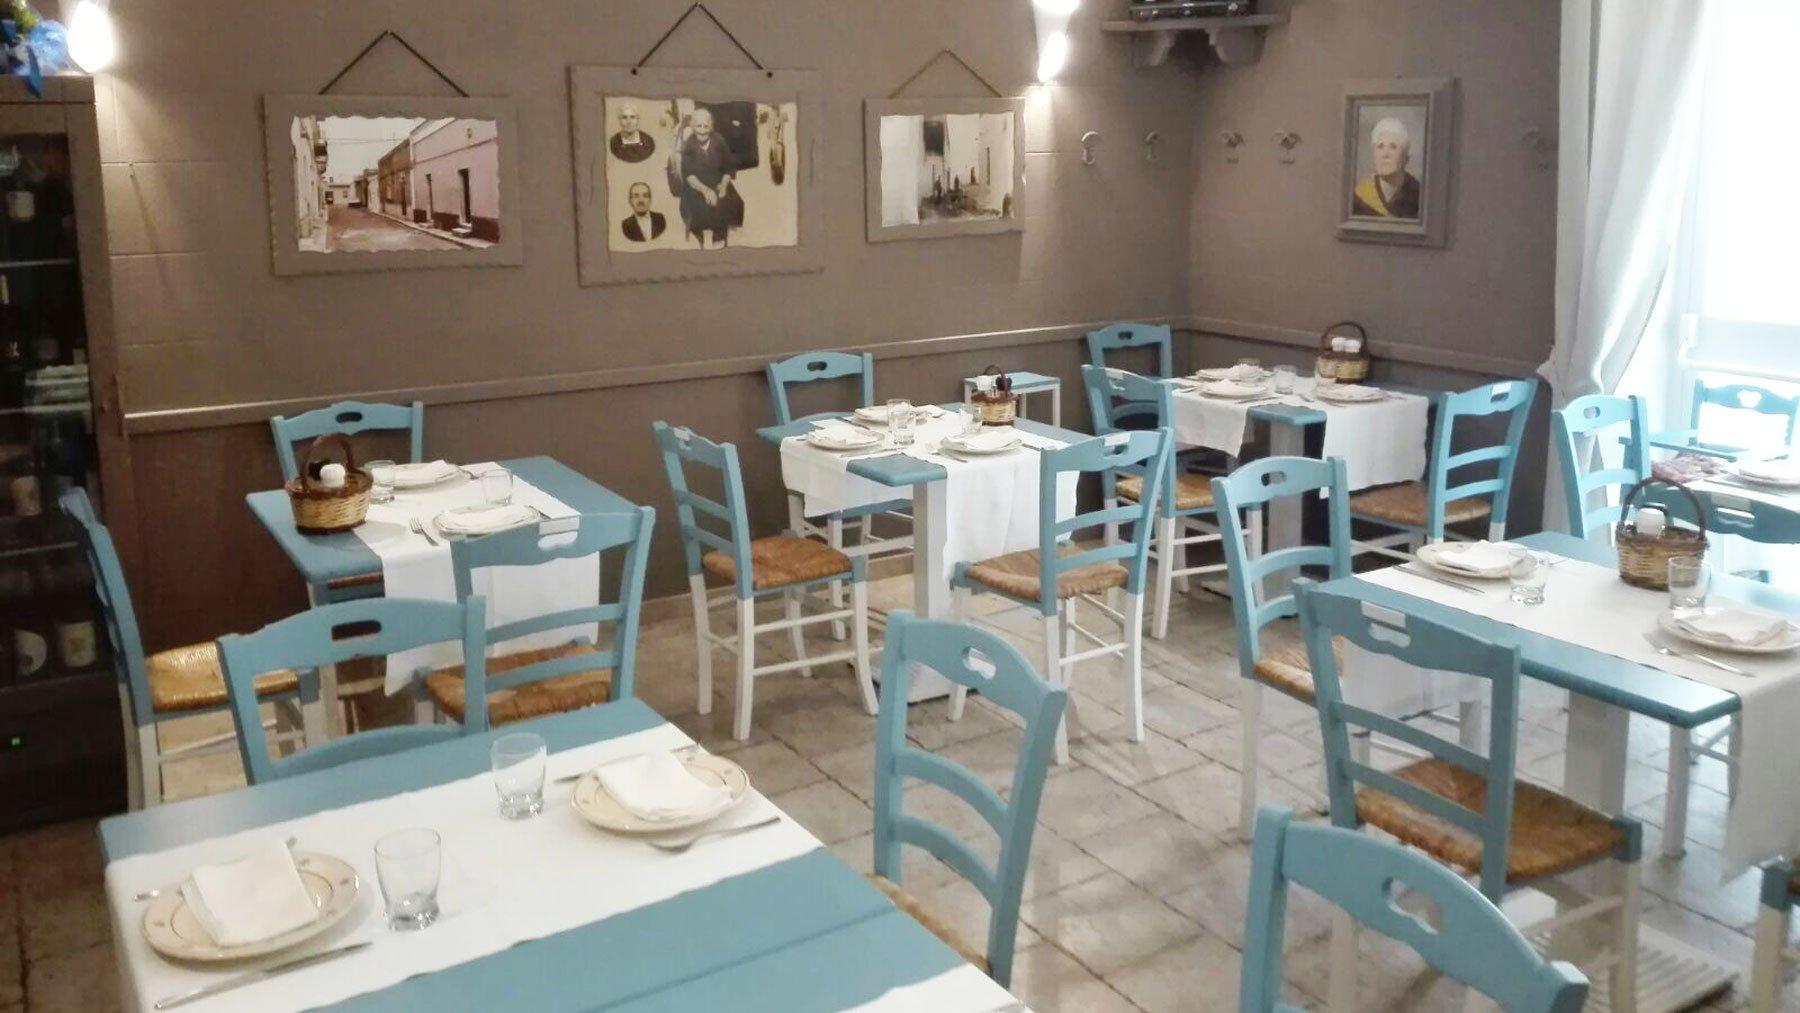 vista dei tavoli con delle sedie azzurre all'interno del locale